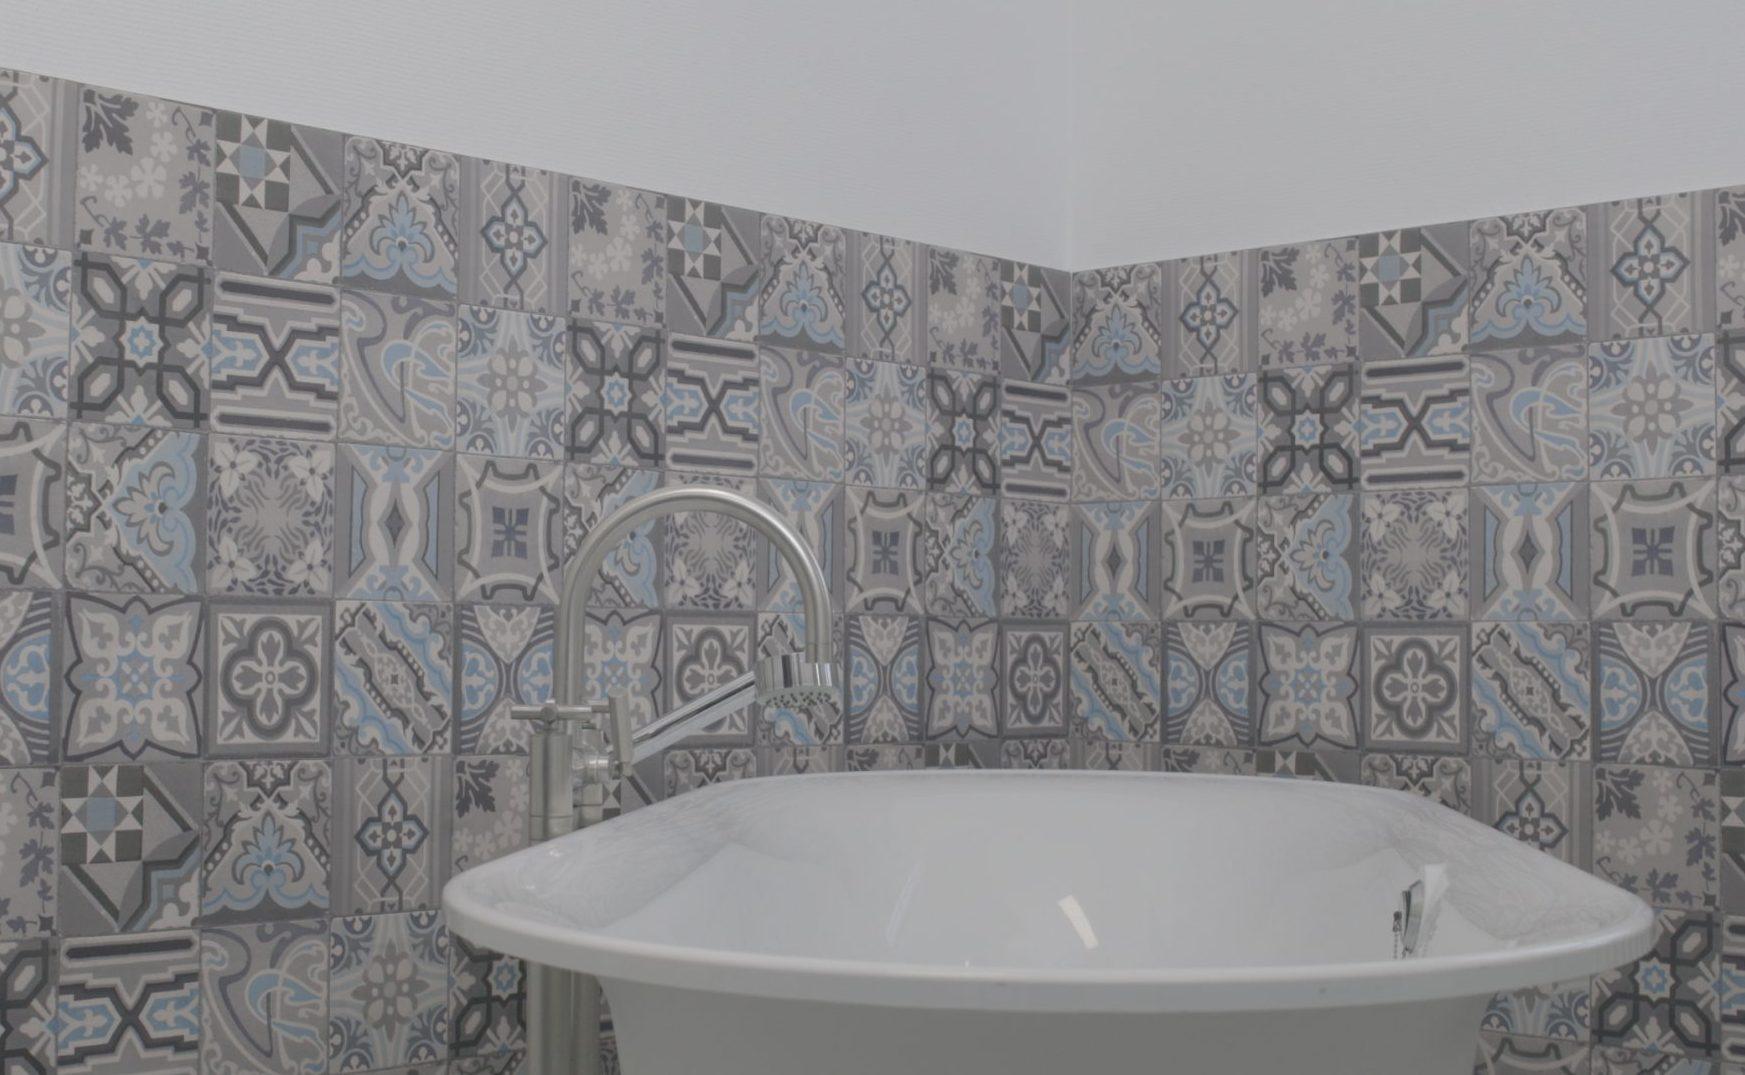 Parete piastrellata del bagno appena rivestita con la carta da parati d-c-wall® ceramics Simenta con l'aspetto di piastrelle decorative.